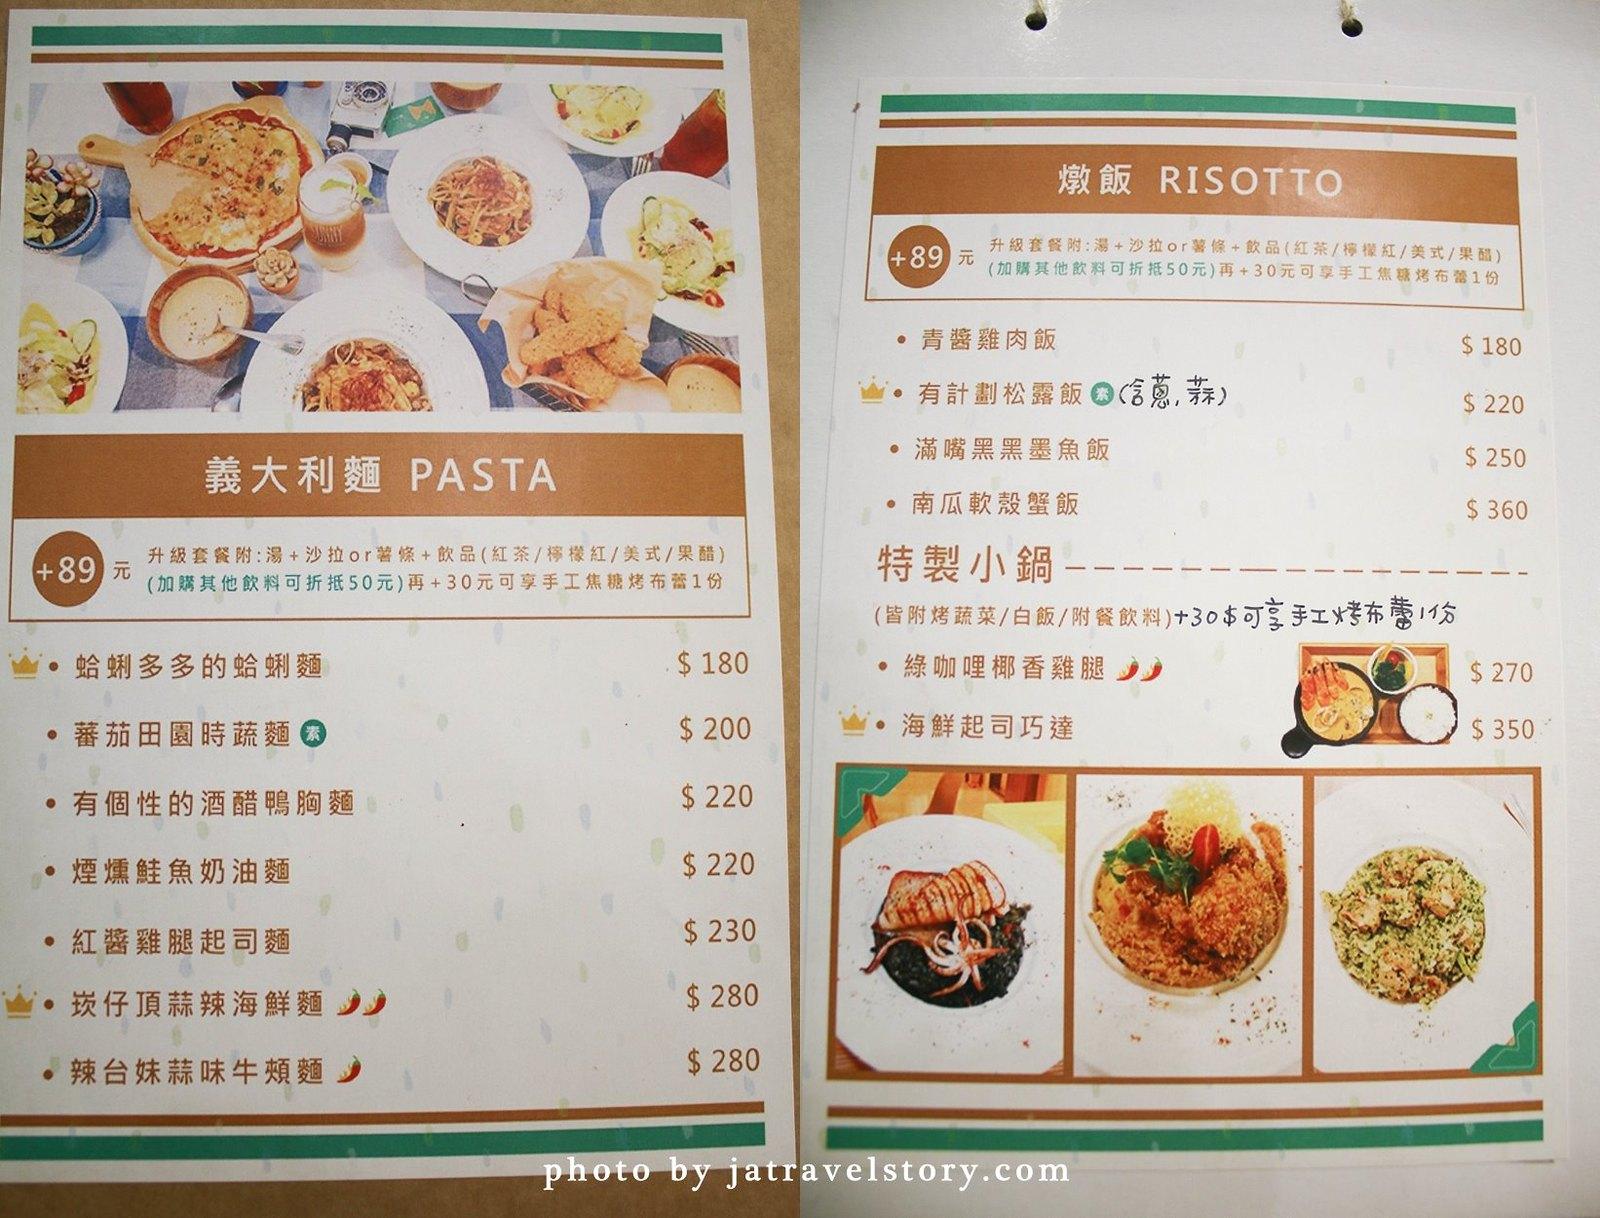 美有計劃cafe 鹹甜起司舒芙蕾鬆餅有特色,20顆飽滿蛤蜊義大利麵只要180元!【基隆美食】 @J&A的旅行